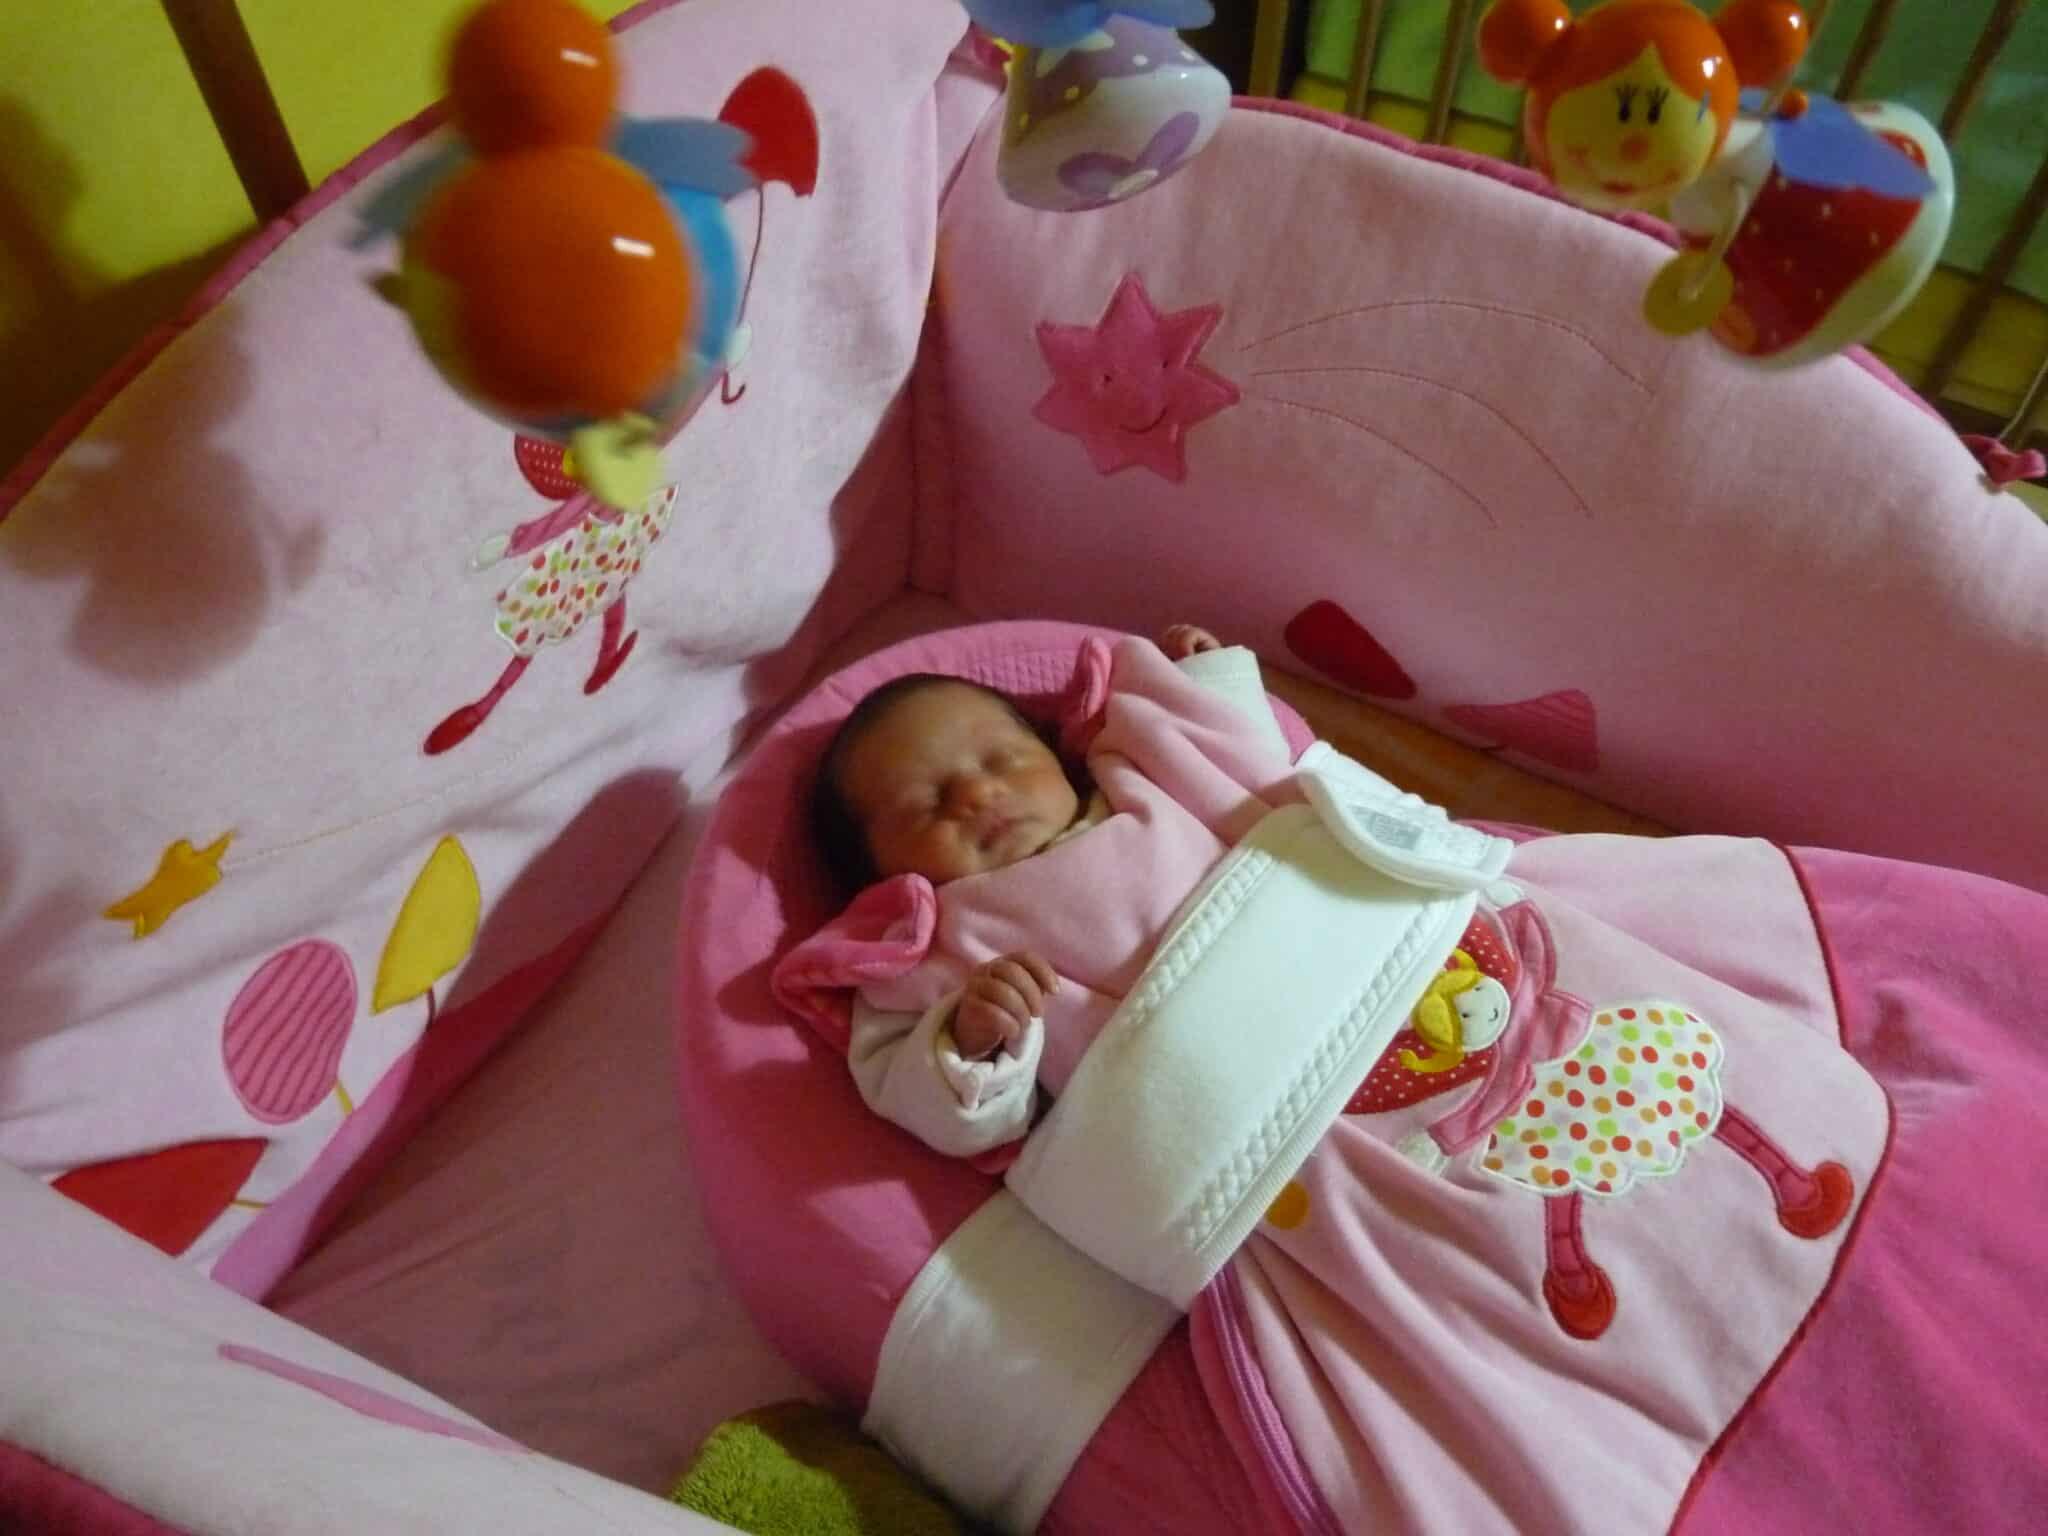 Les 7 règles d'or pour faciliter le sommeil de bébé